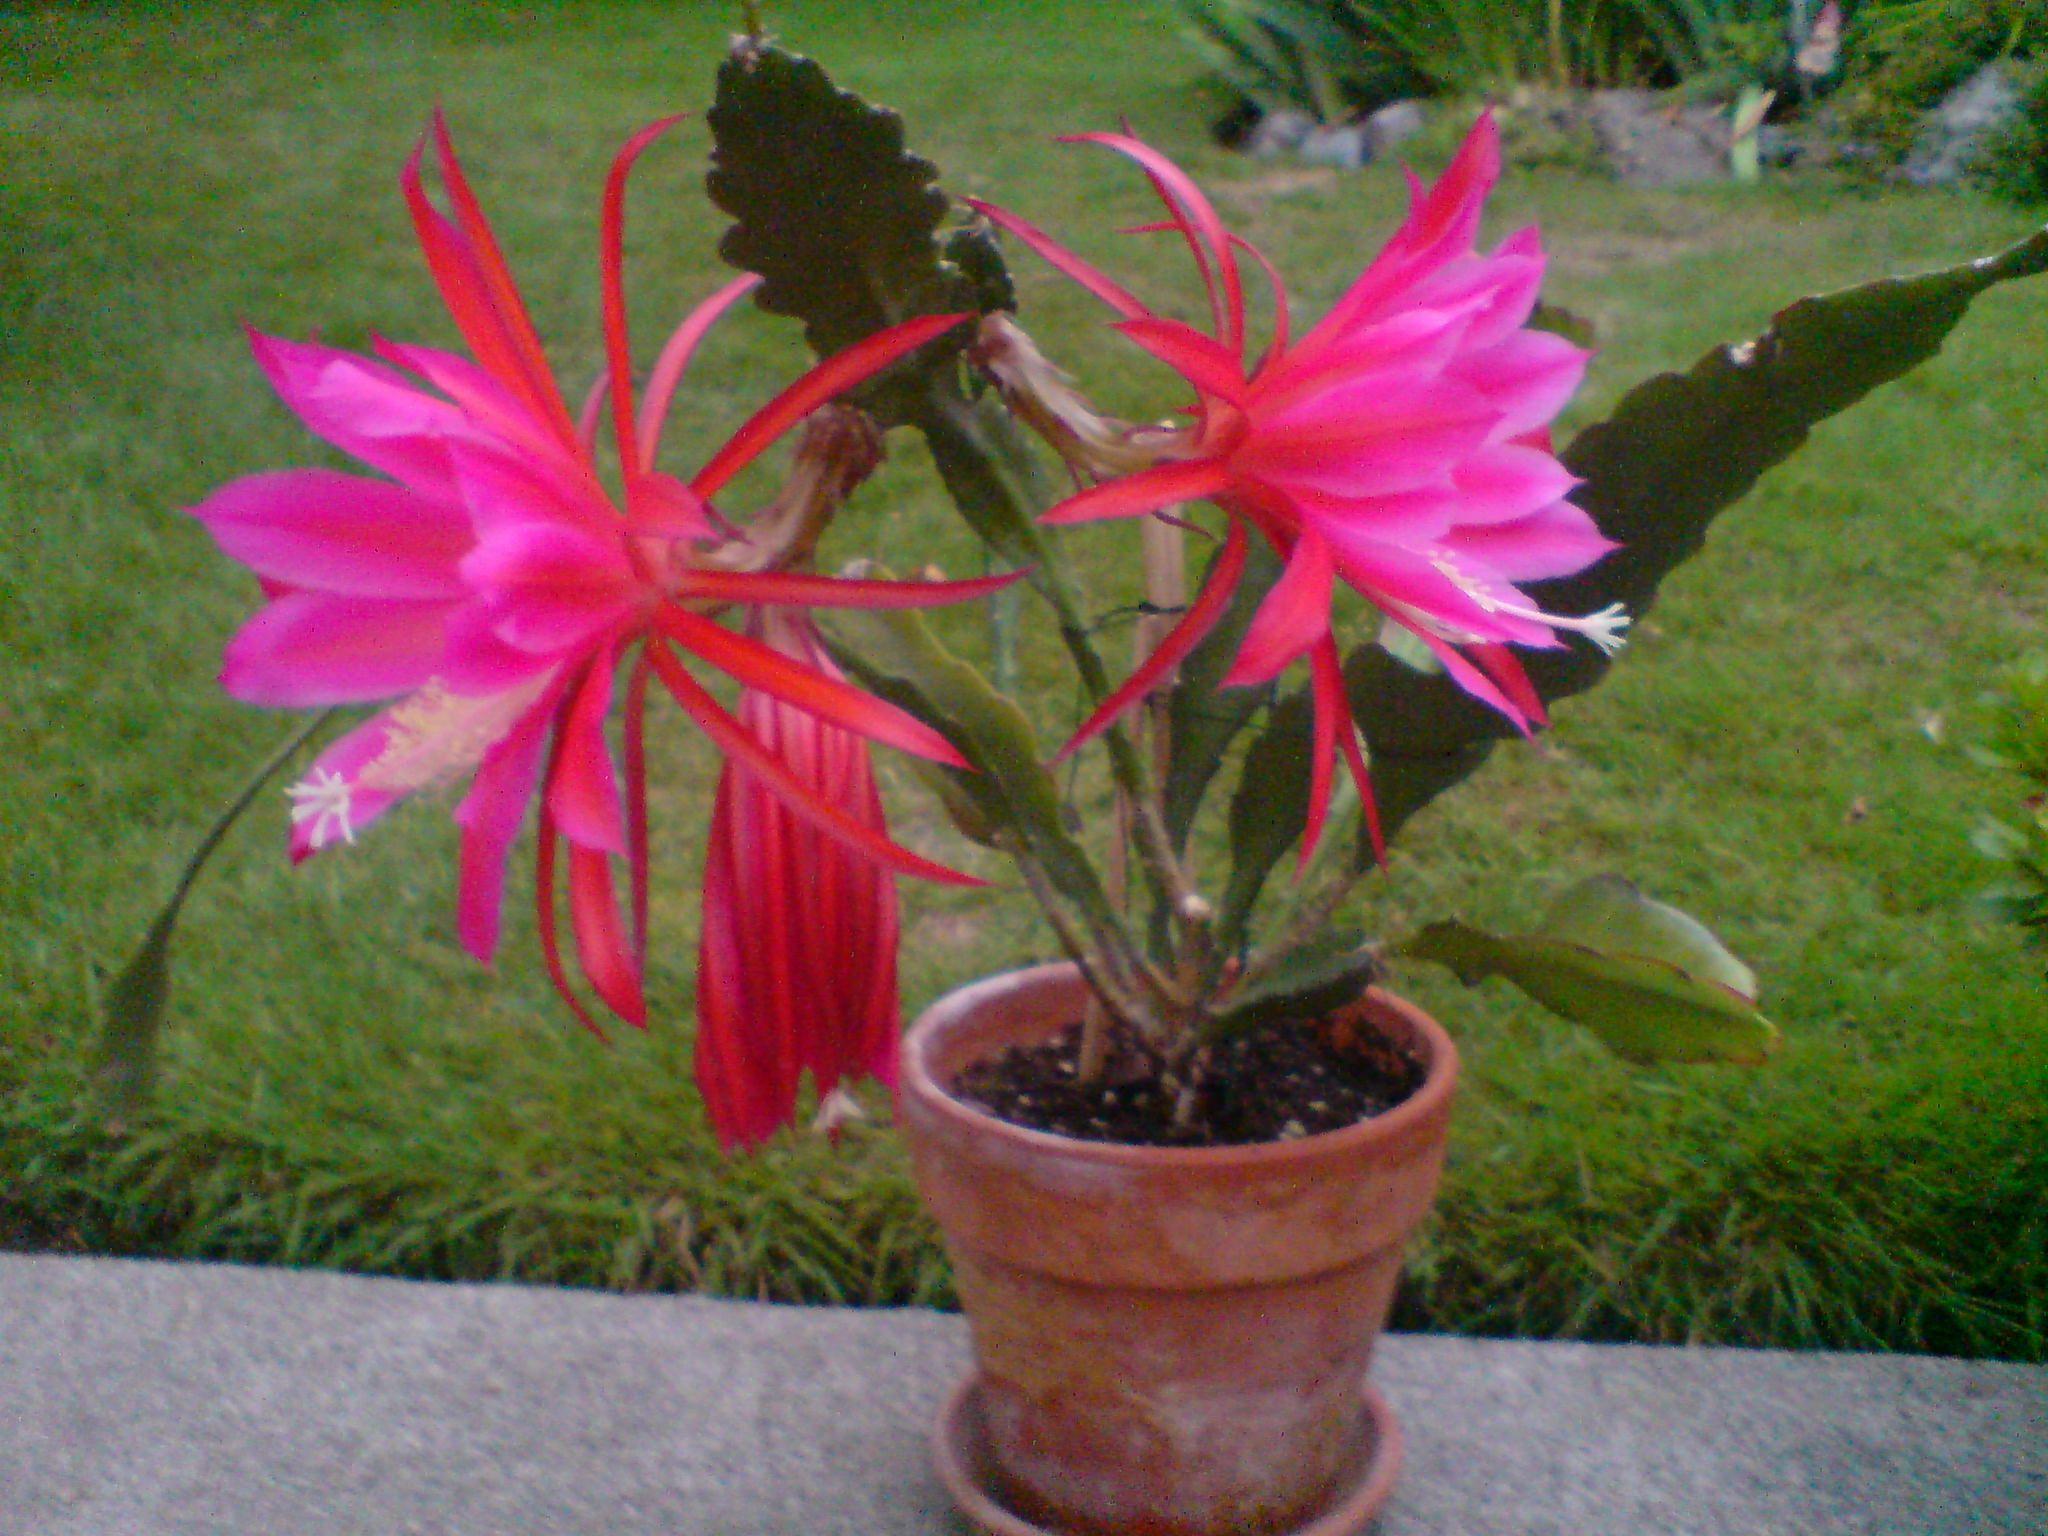 Flowers unique flowers beautiful flowers orchid cactus cactus flower - Epiphyllum Cactus On Steroids Orchid Cactussucculent Plantscactigarden Whimsyhanging Basketpretty Flowersgabrielsucculentssucculent